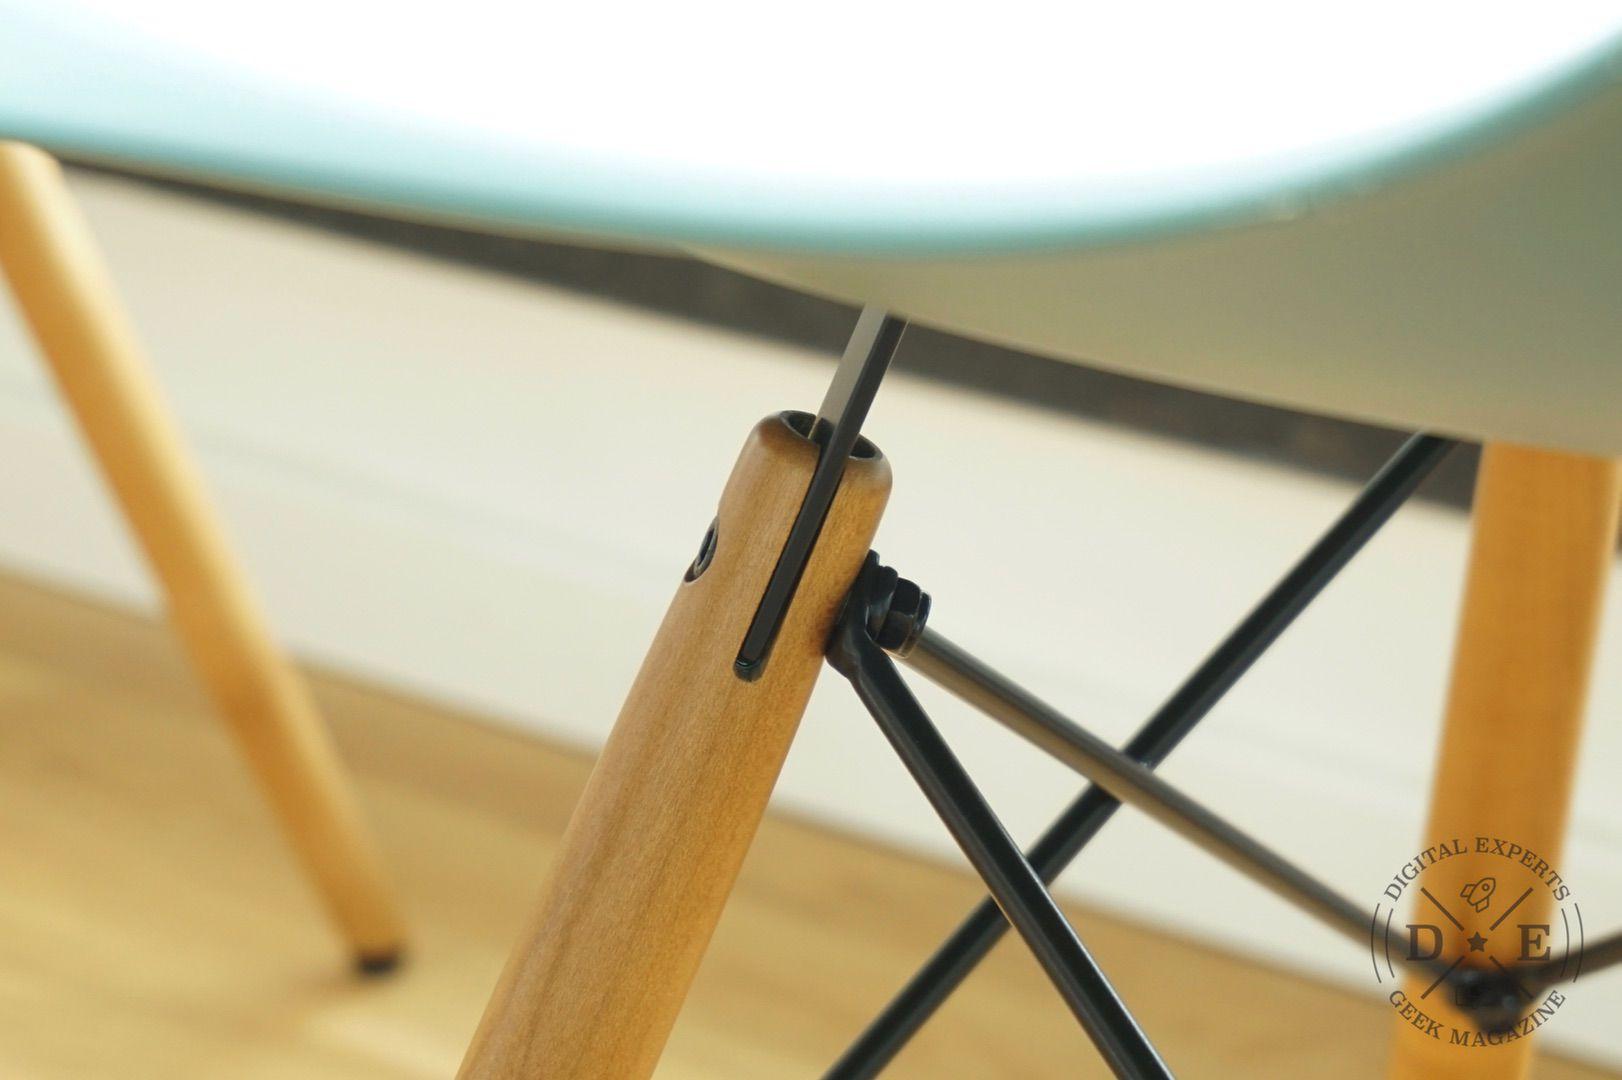 Vitra Eames Chair Dsw Replika Das Sind Die Unterschiede Zum Original Digital Experts